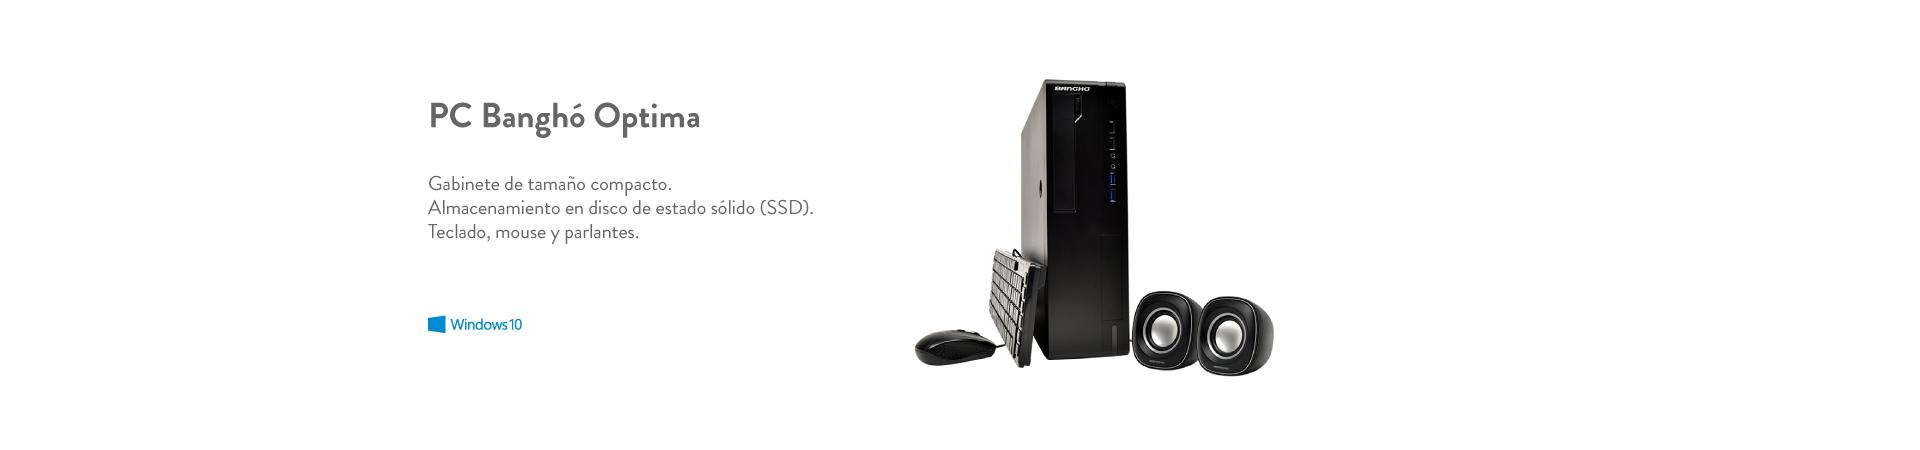 Uso Personal / Desktop / General